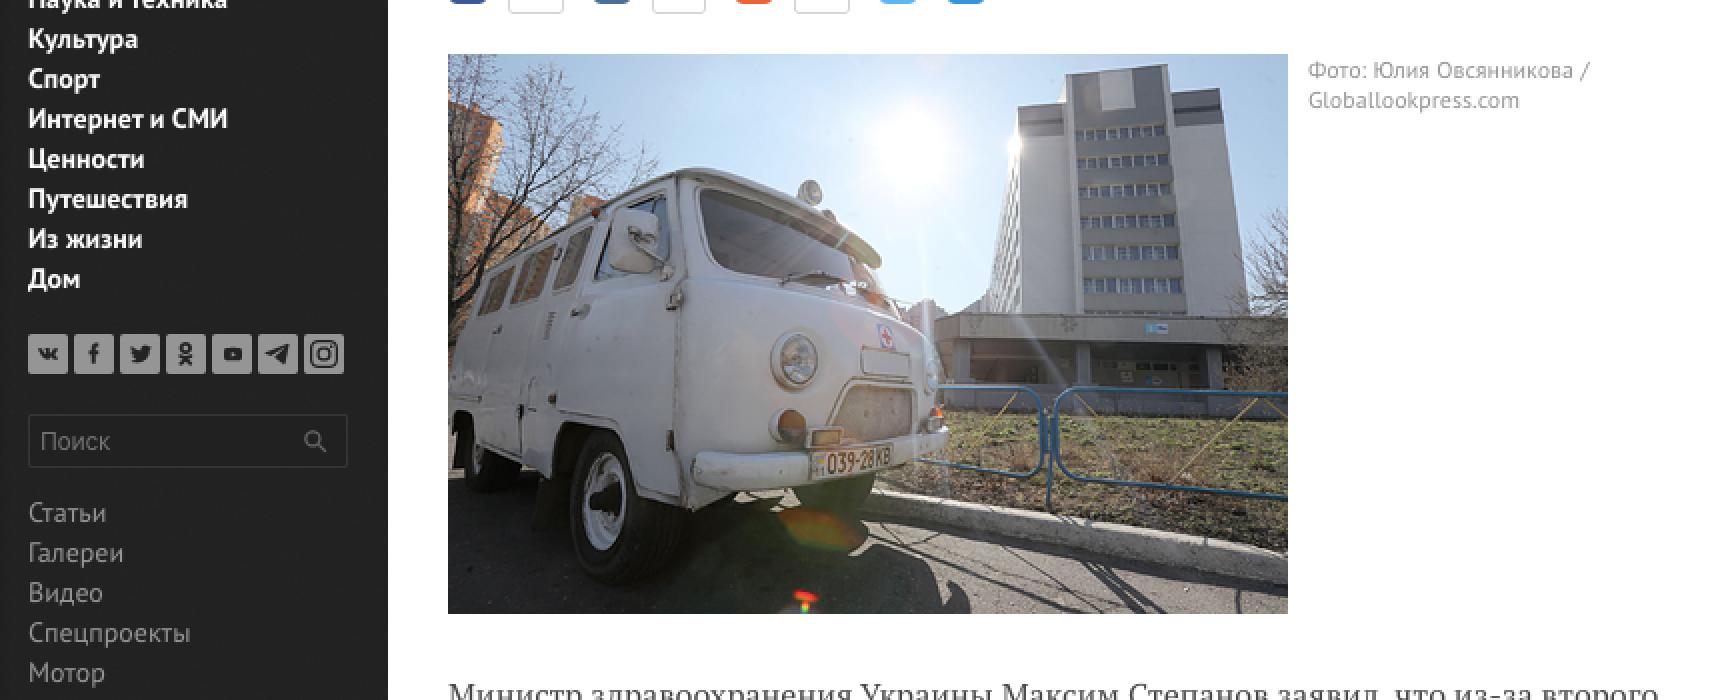 Фейк: Українській системі медичної освіти пророкують колапс